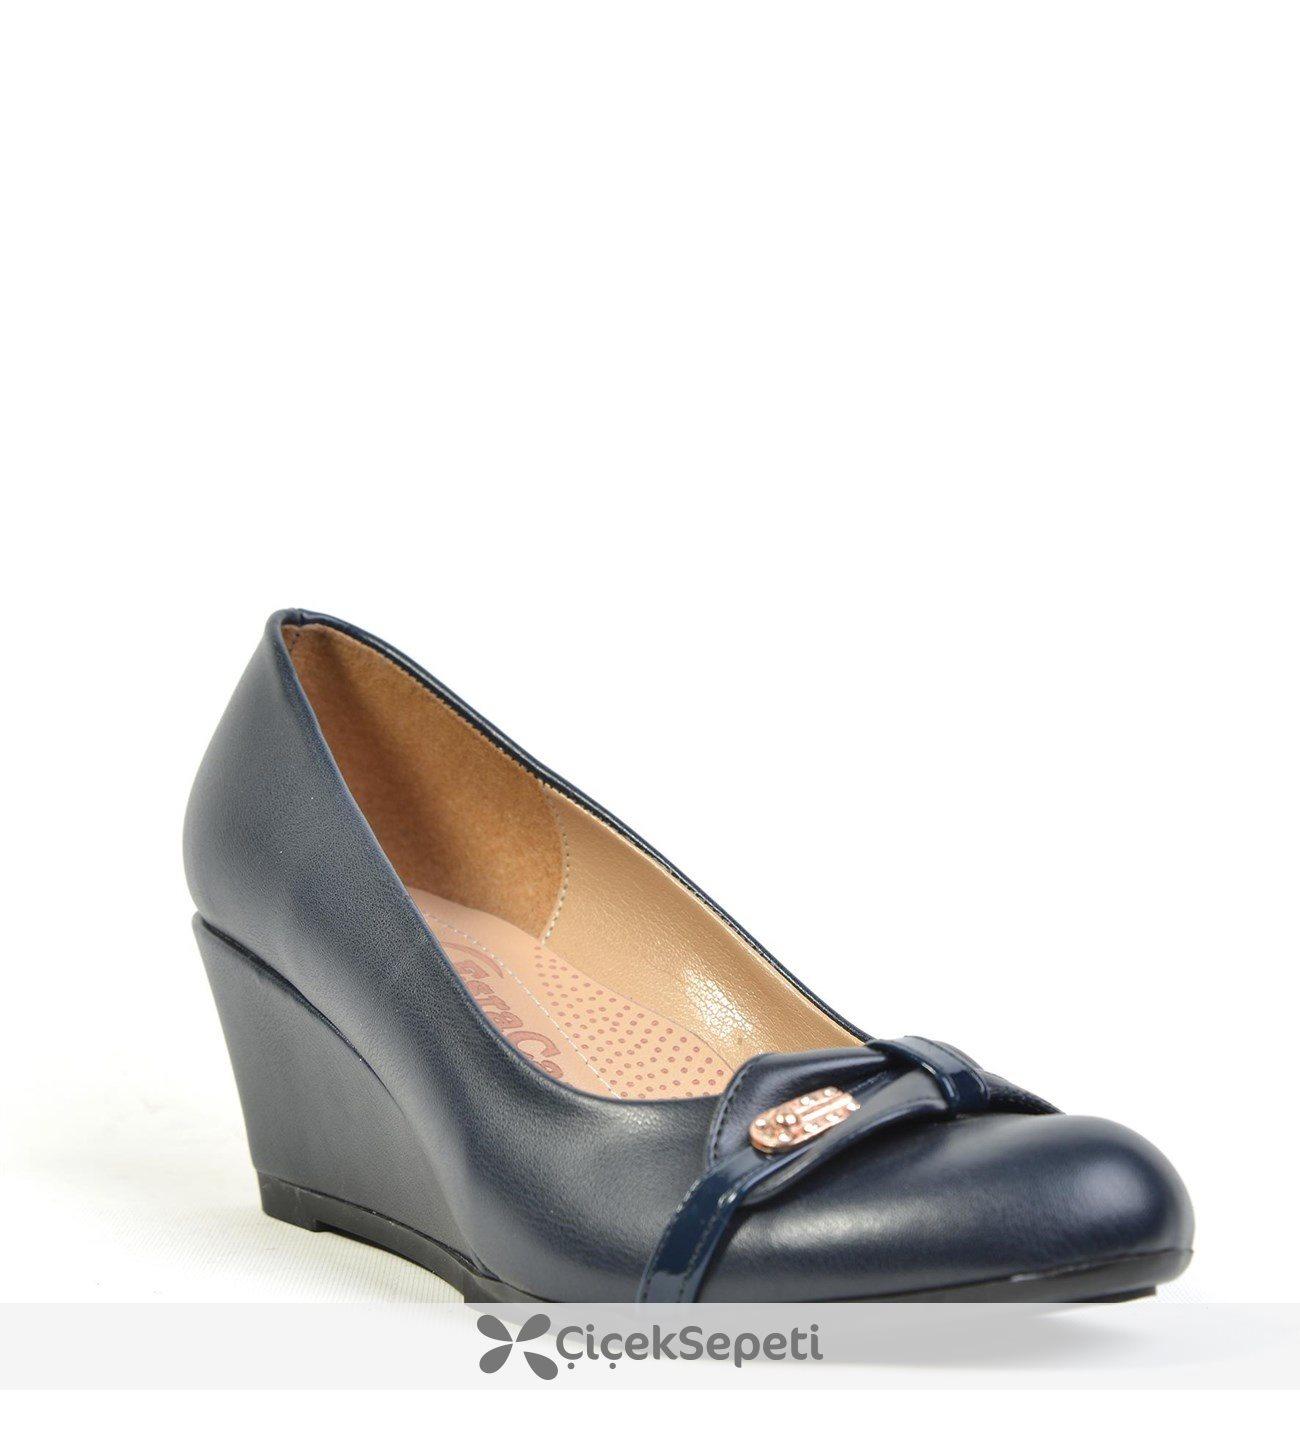 Esracan %100 Deri Ortopedik Dolgu Topuk Günlük Bayan Ayakkabı